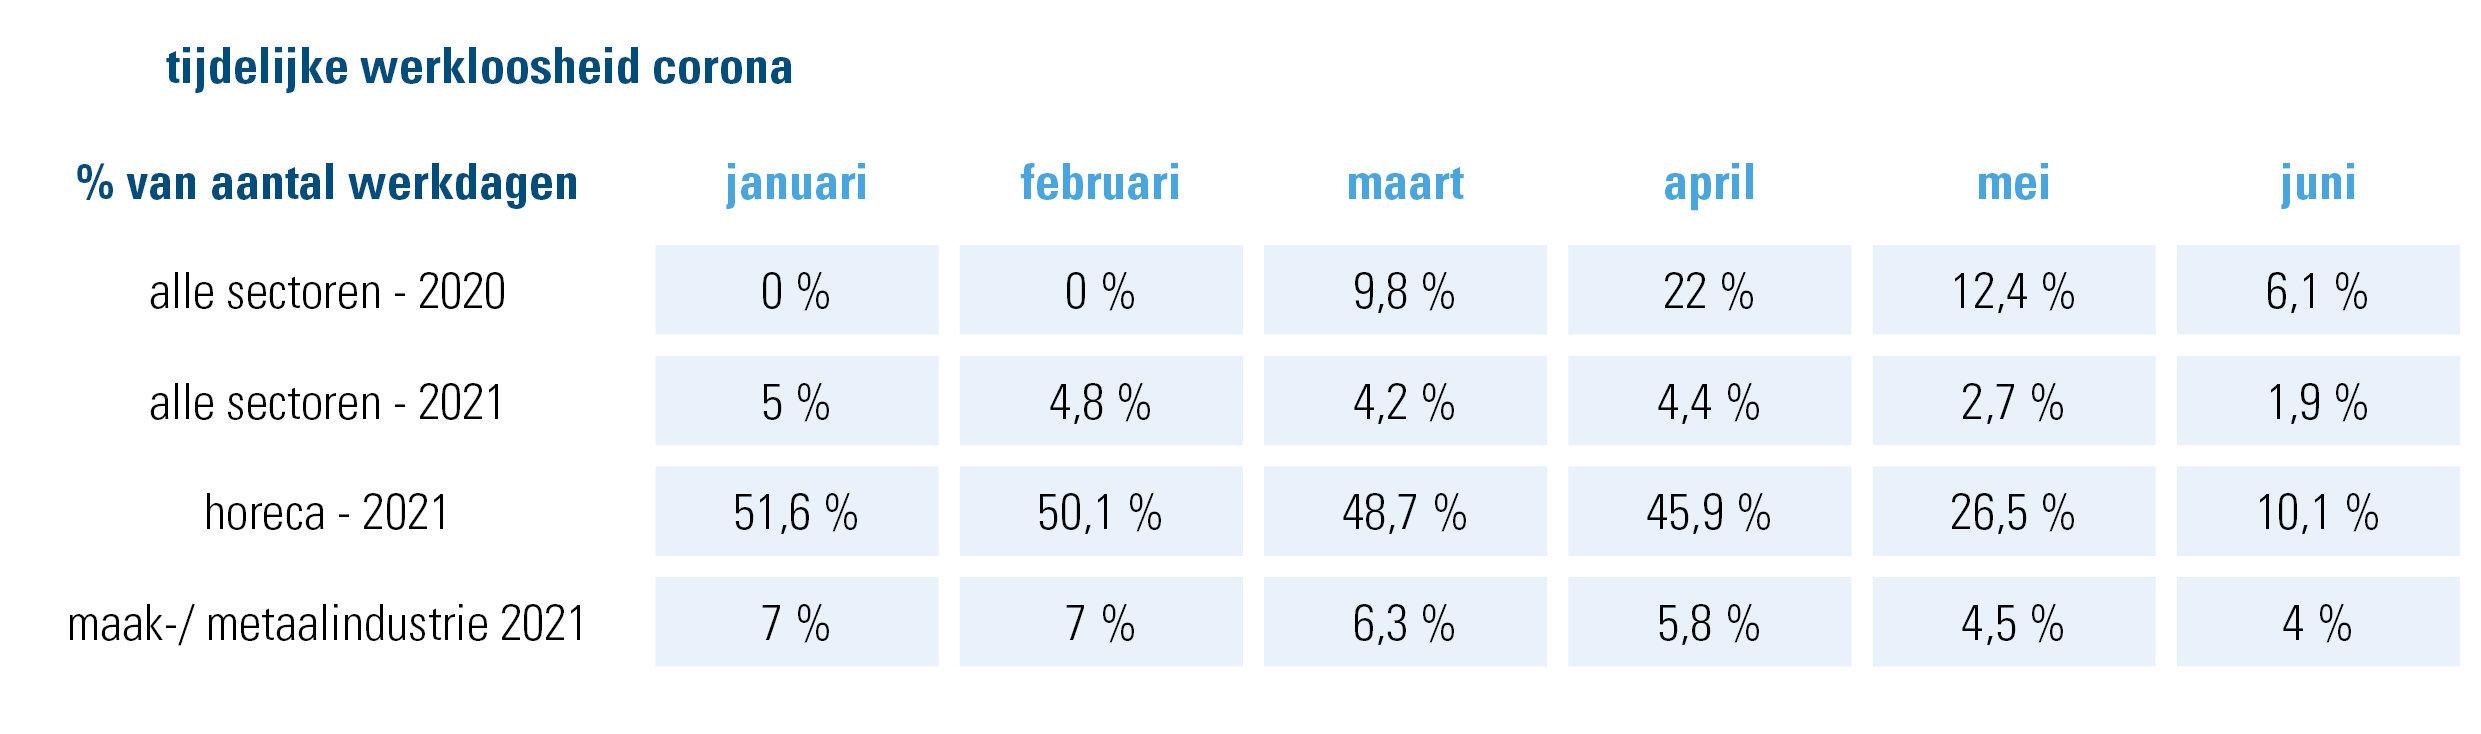 tijdelijke werkloosheid corona  % van het aantal werkdagen